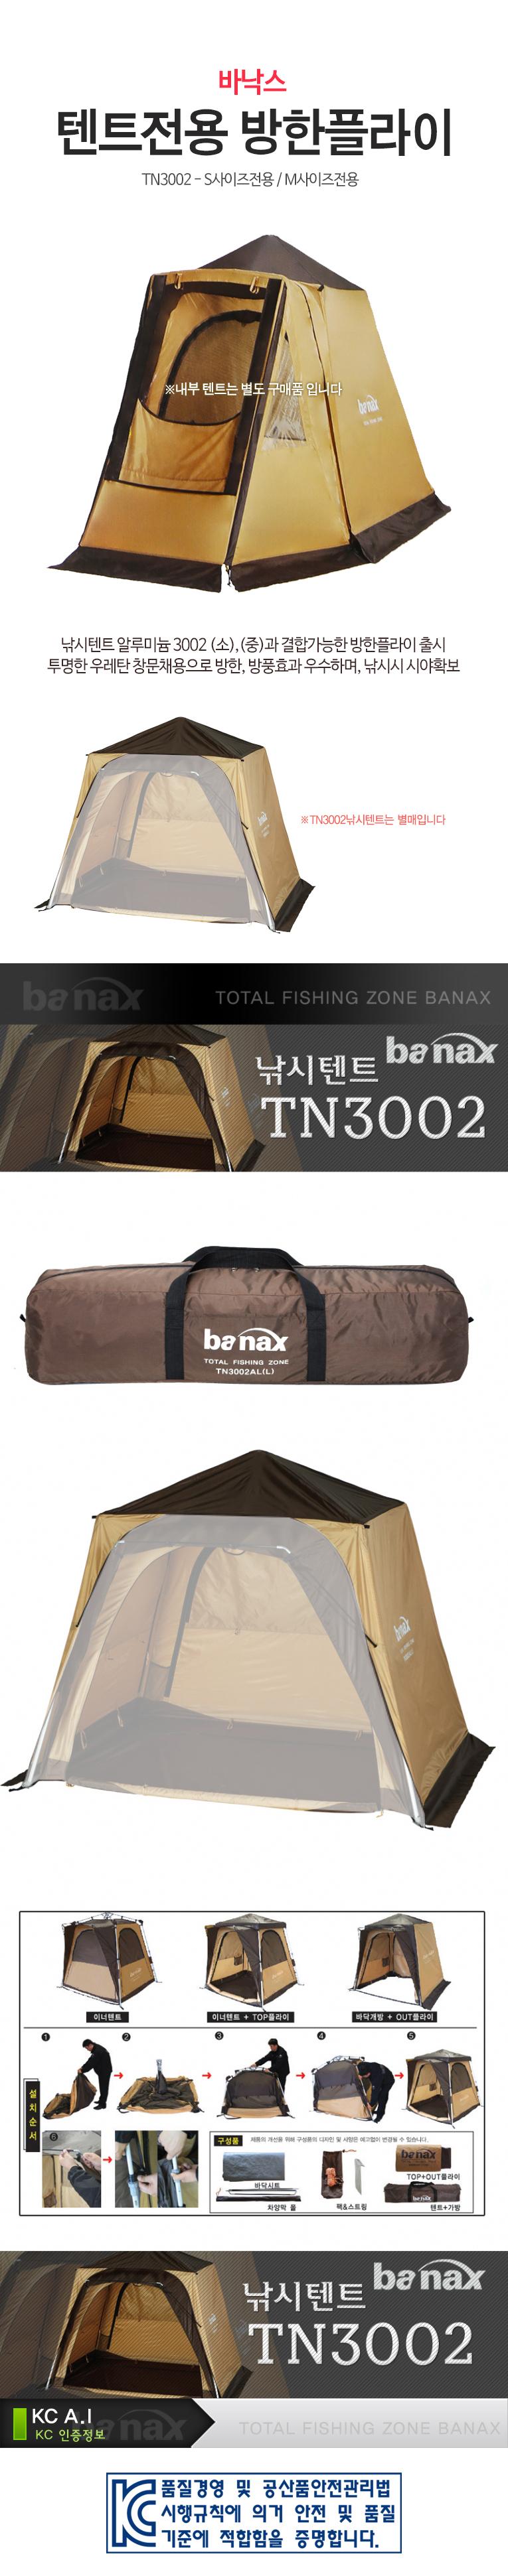 바낙스 낚시텐트 방한플라이 (바낙스 TN3002 텐트전용) 낚시텐트플라이 방한용플라이 겨울플라이